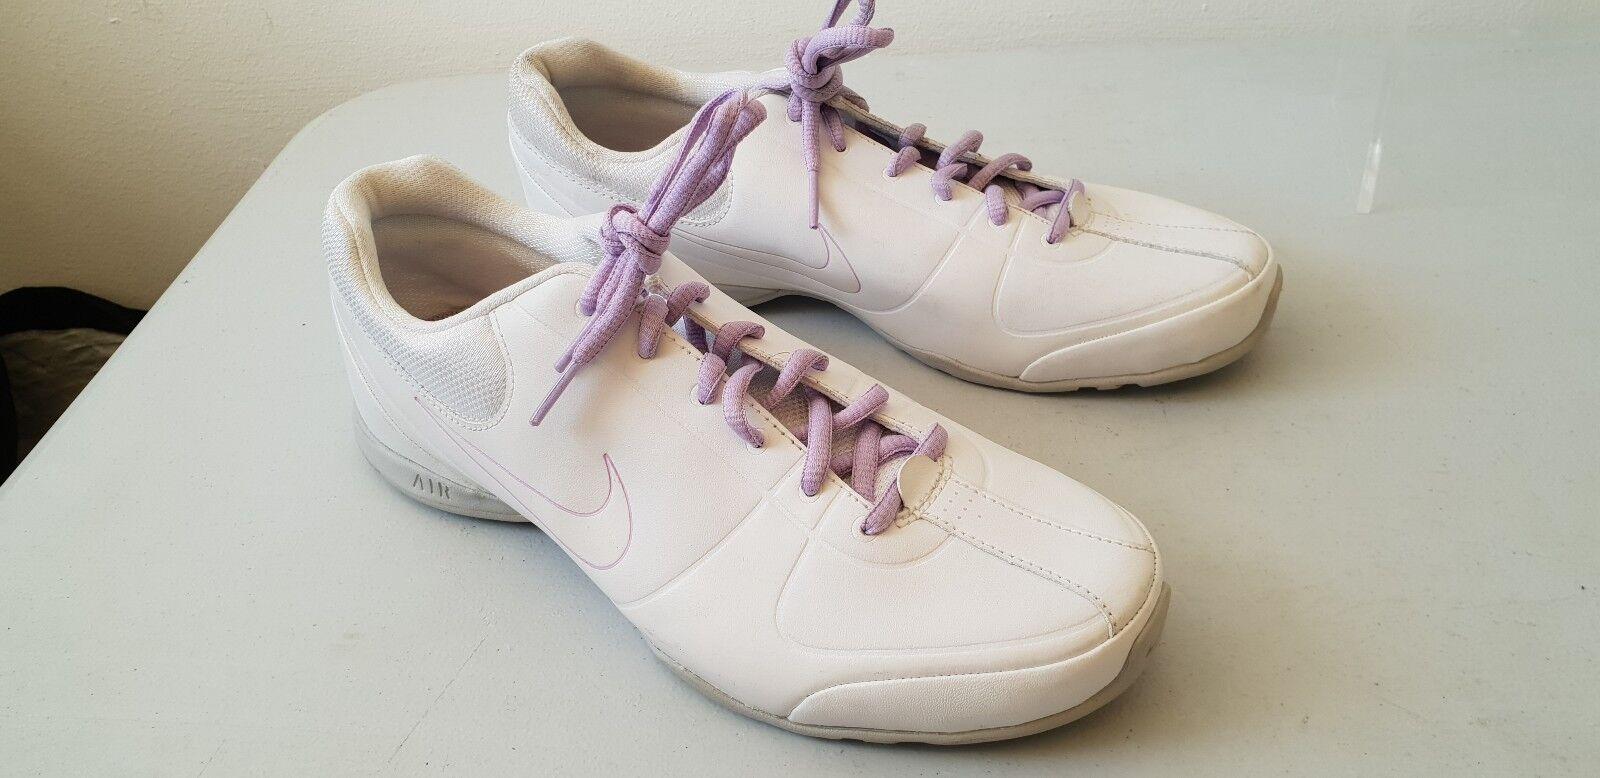 Nike air donne cardio formatori di pelle pelle pelle bianca, scarpe da ginnastica, t367a | Colori vivaci  19febe